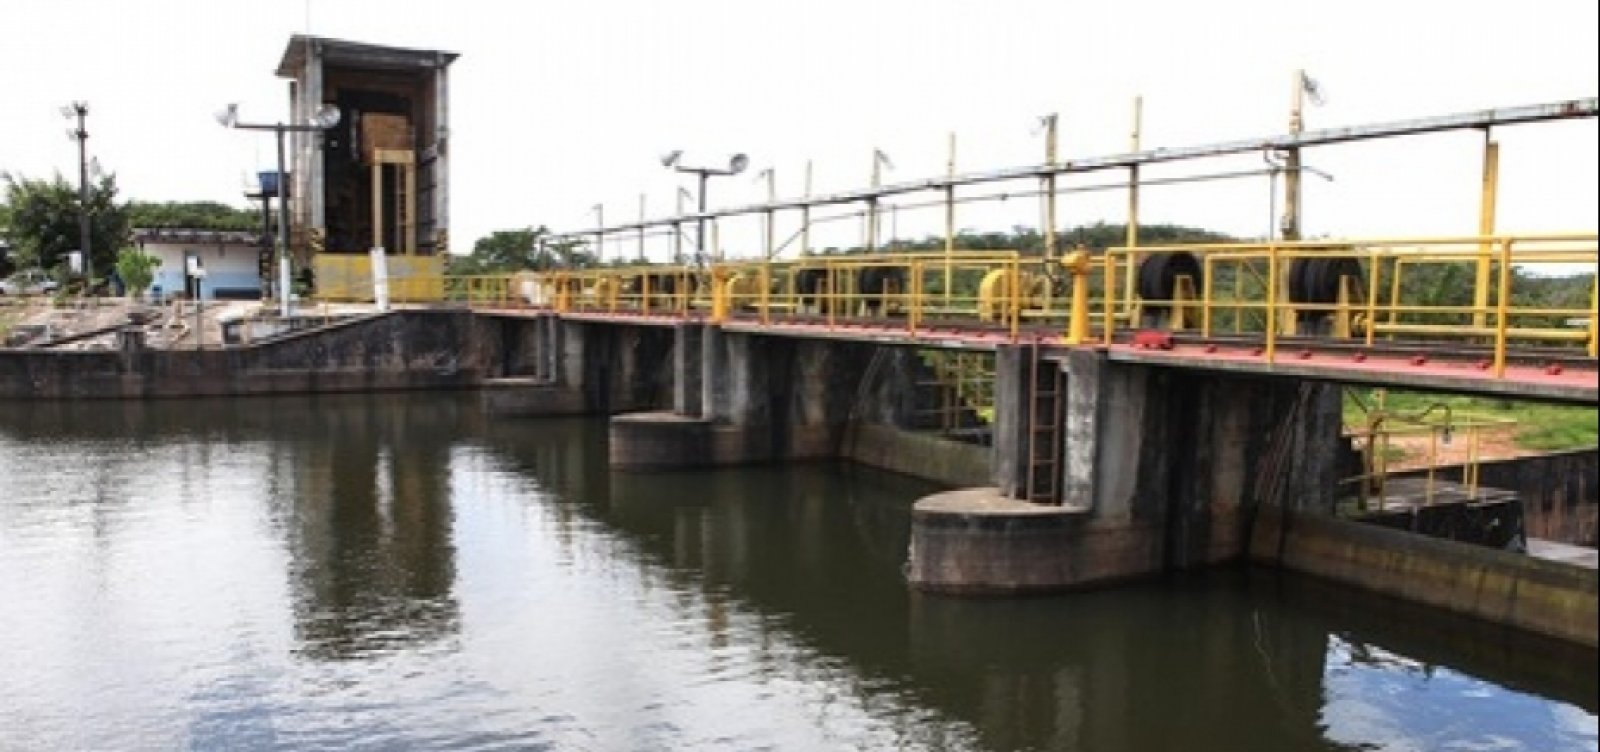 [271 cidades da Bahia têm água contaminada por agrotóxicos]